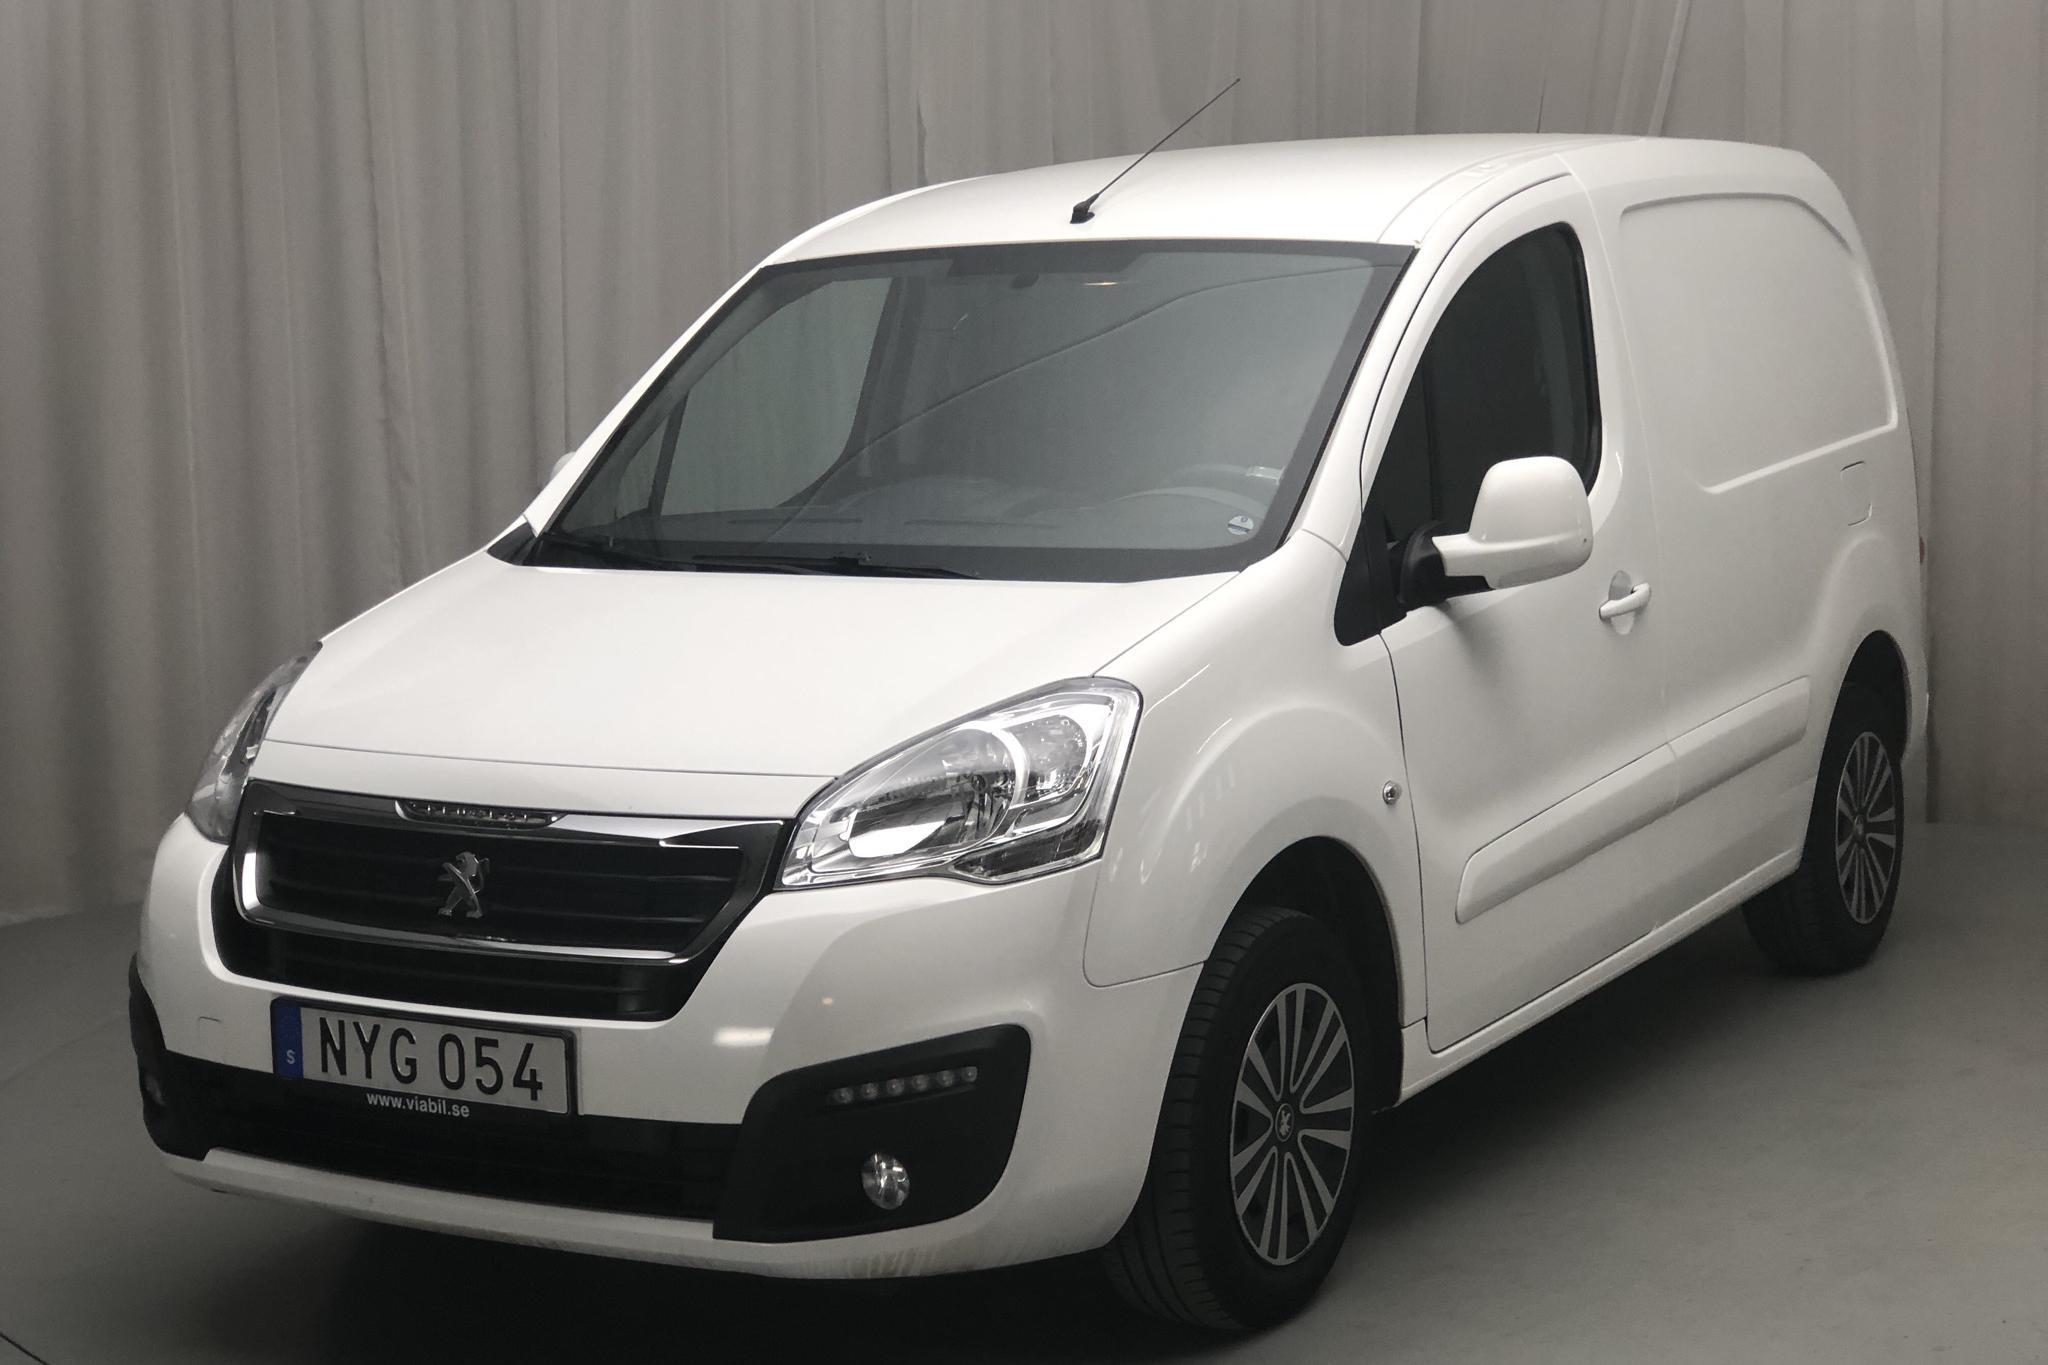 Peugeot Partner 1.6 BlueHDI Skåp (100hk) - 65 590 km - Manual - white - 2016